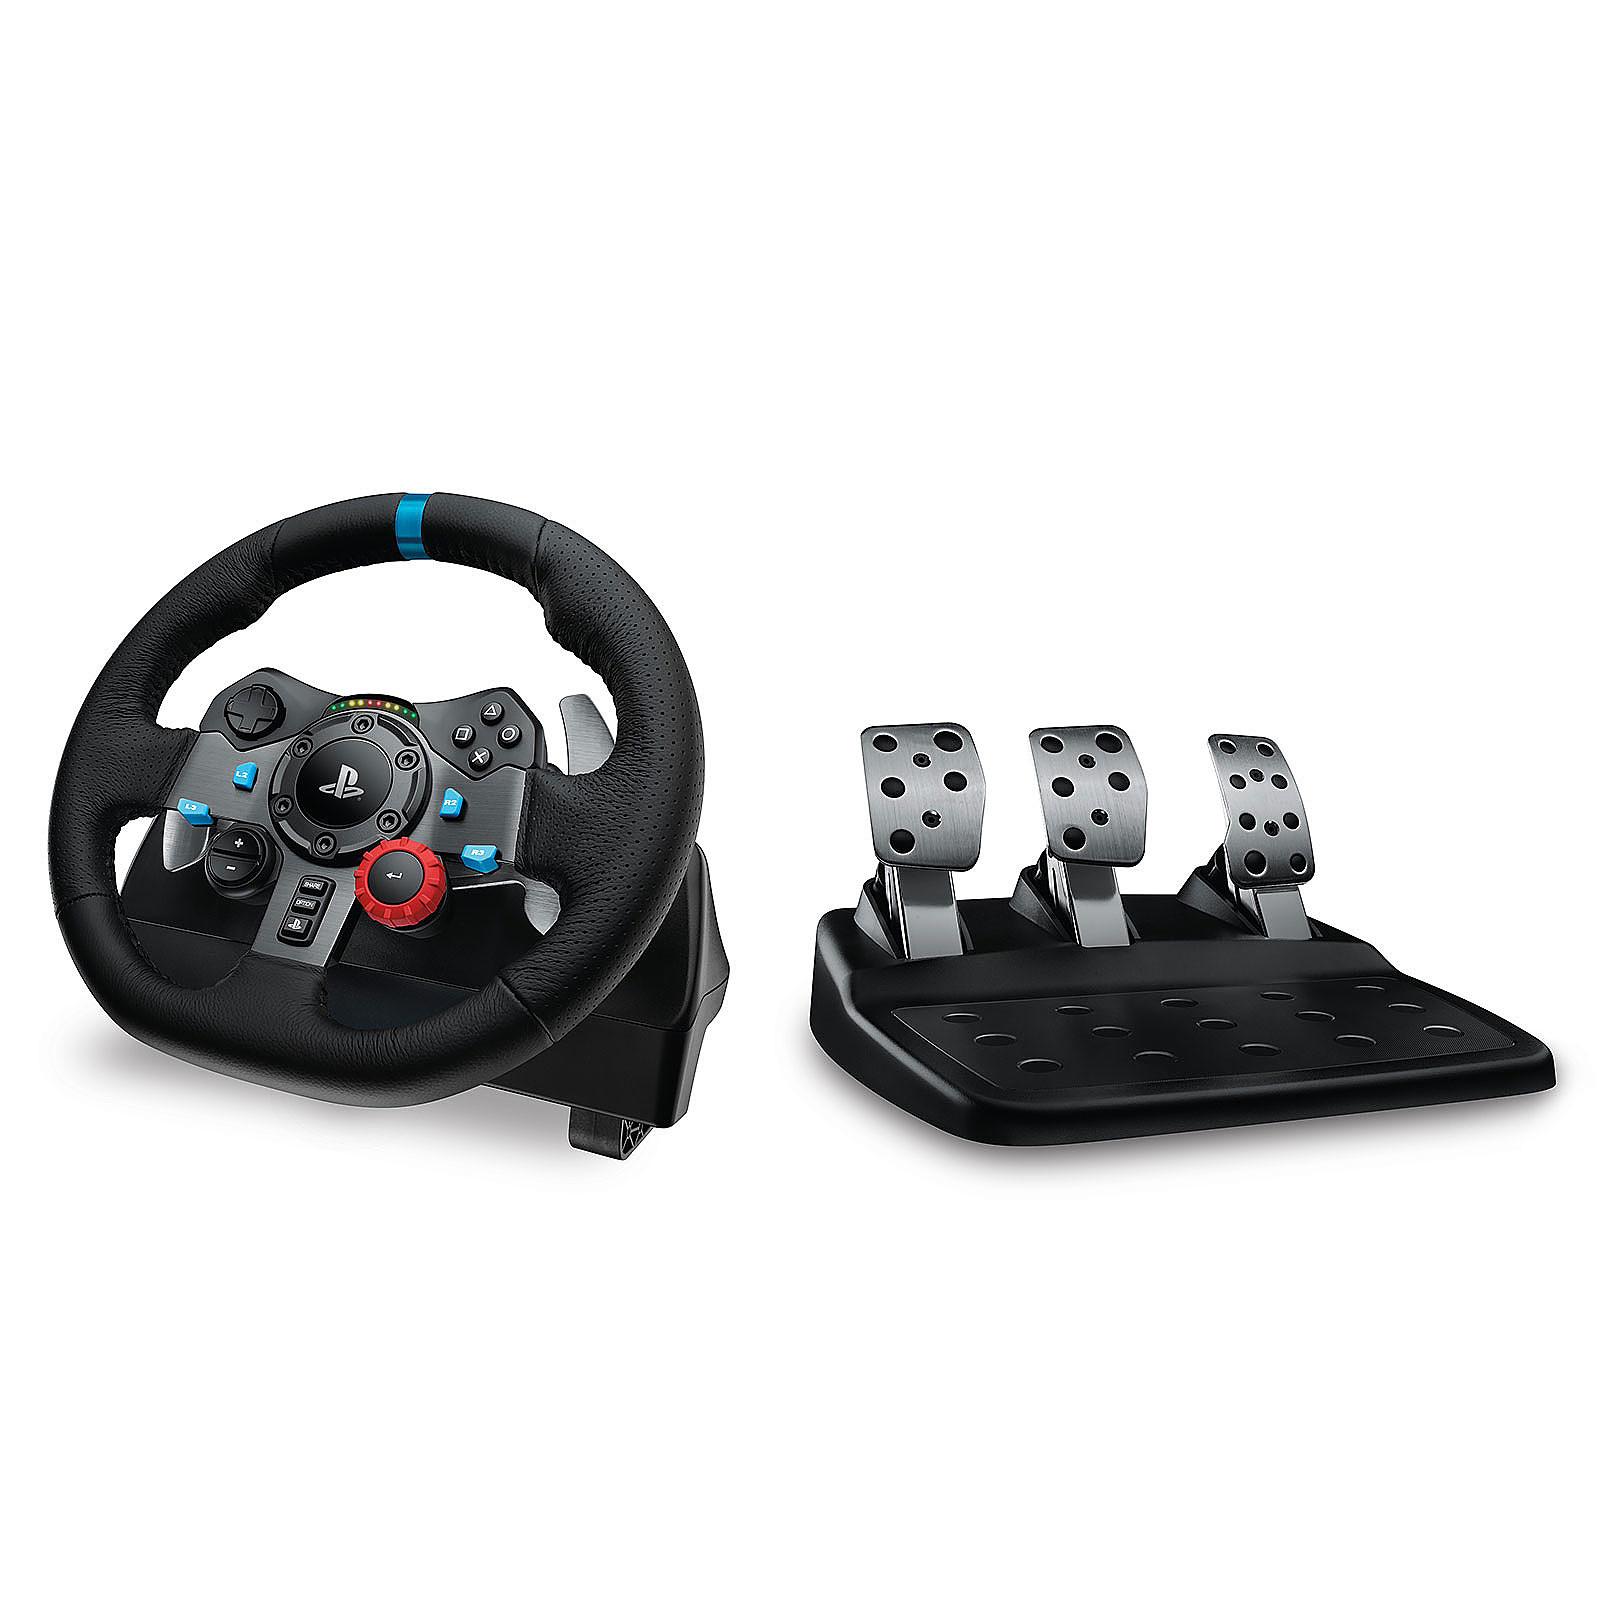 Volant Logitech G29 Driving Force + Pédalier (pour PC/ PlayStation 3/4/5)